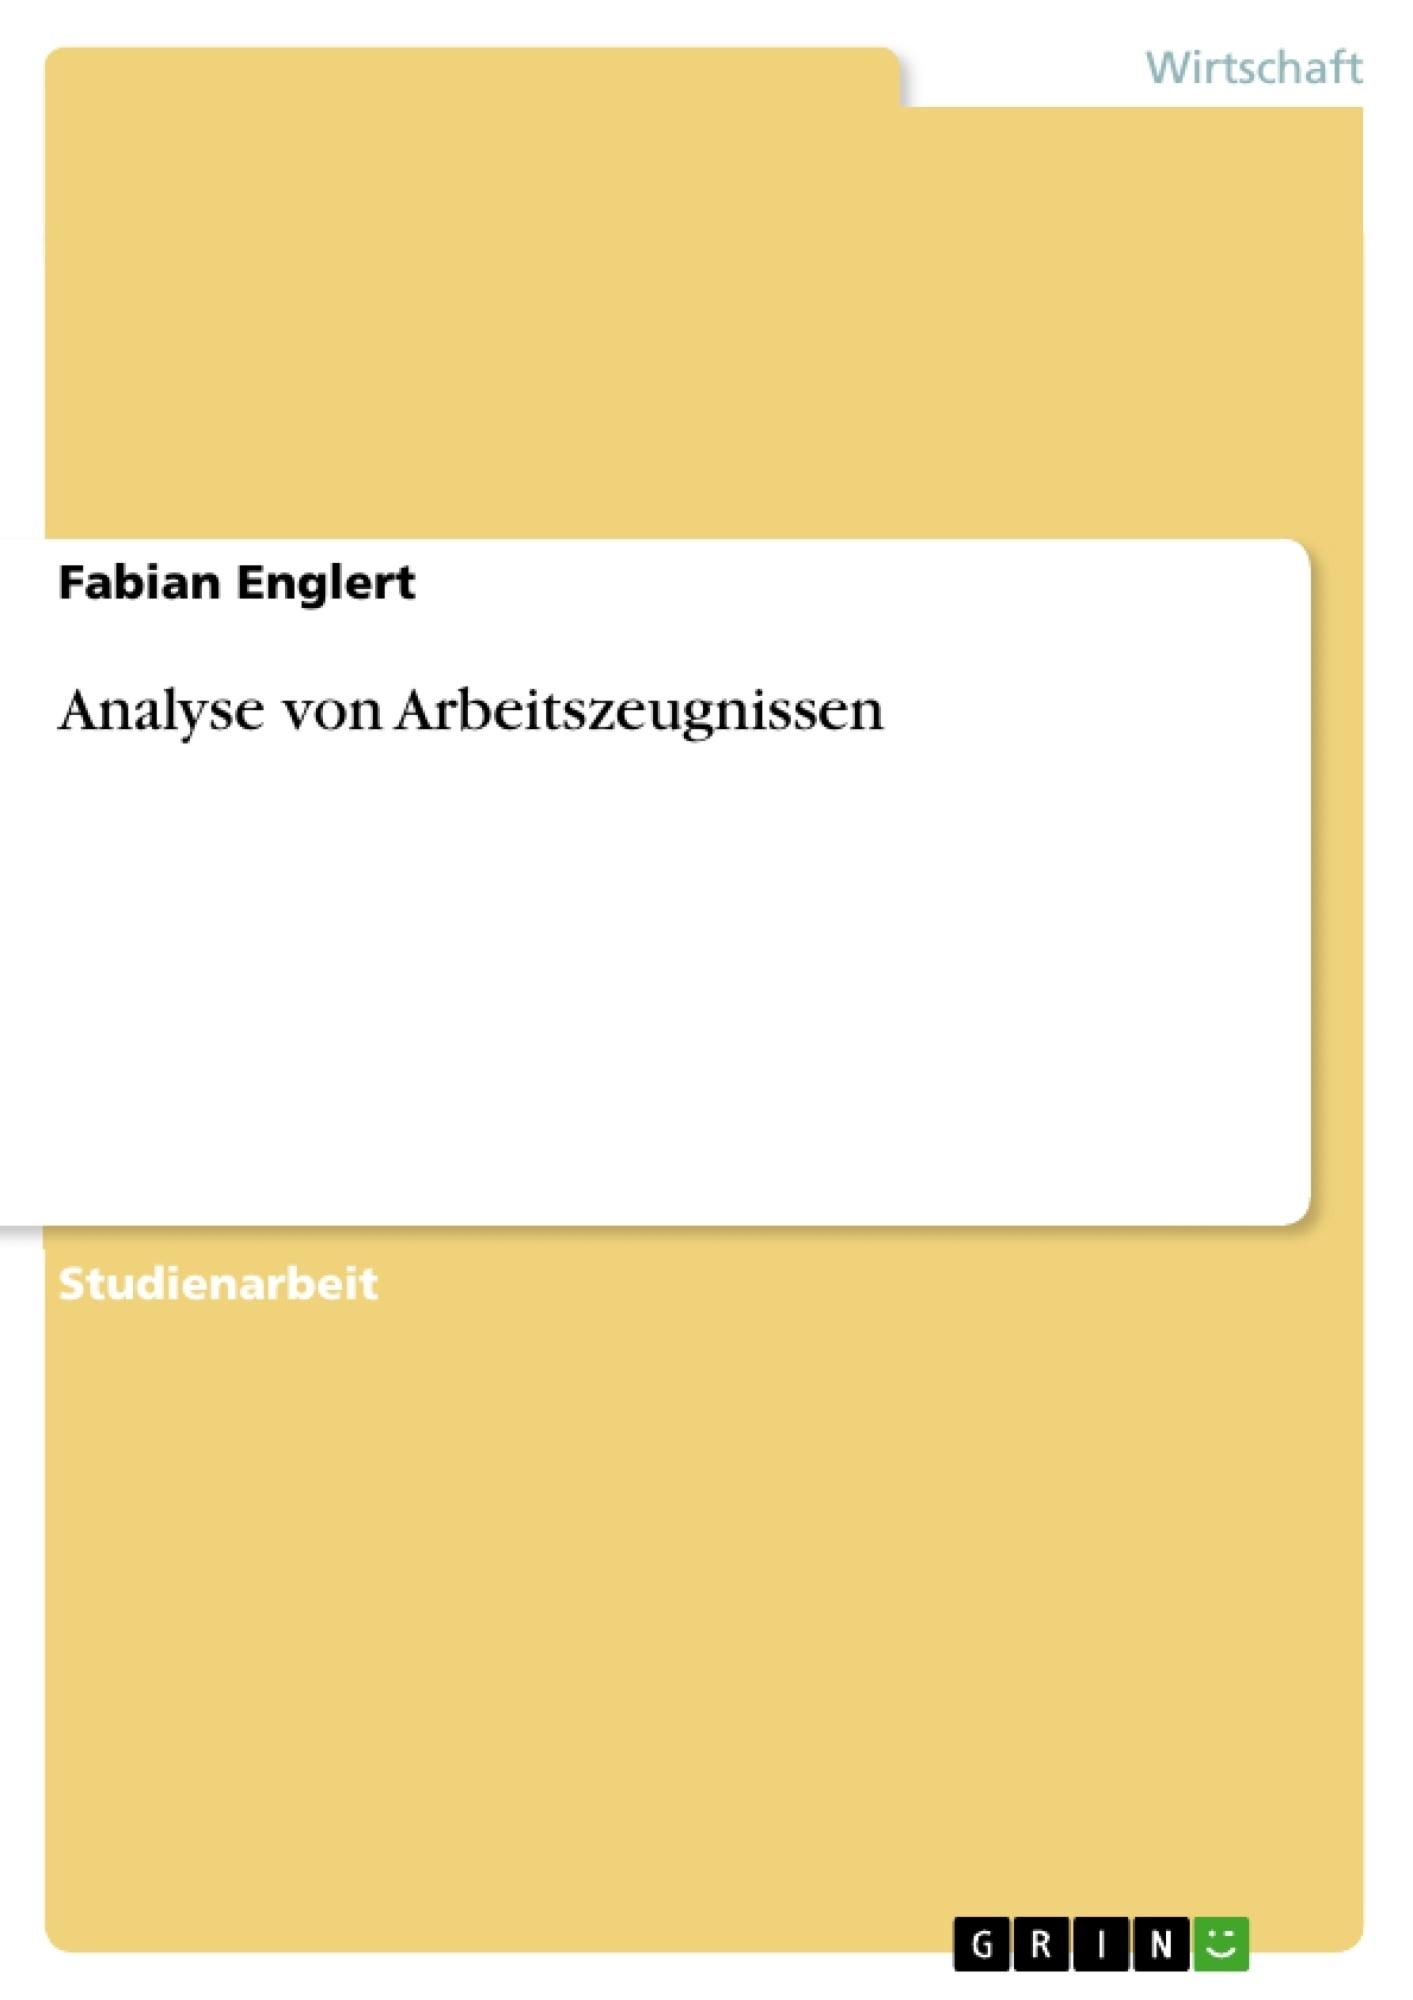 Titel: Analyse von Arbeitszeugnissen